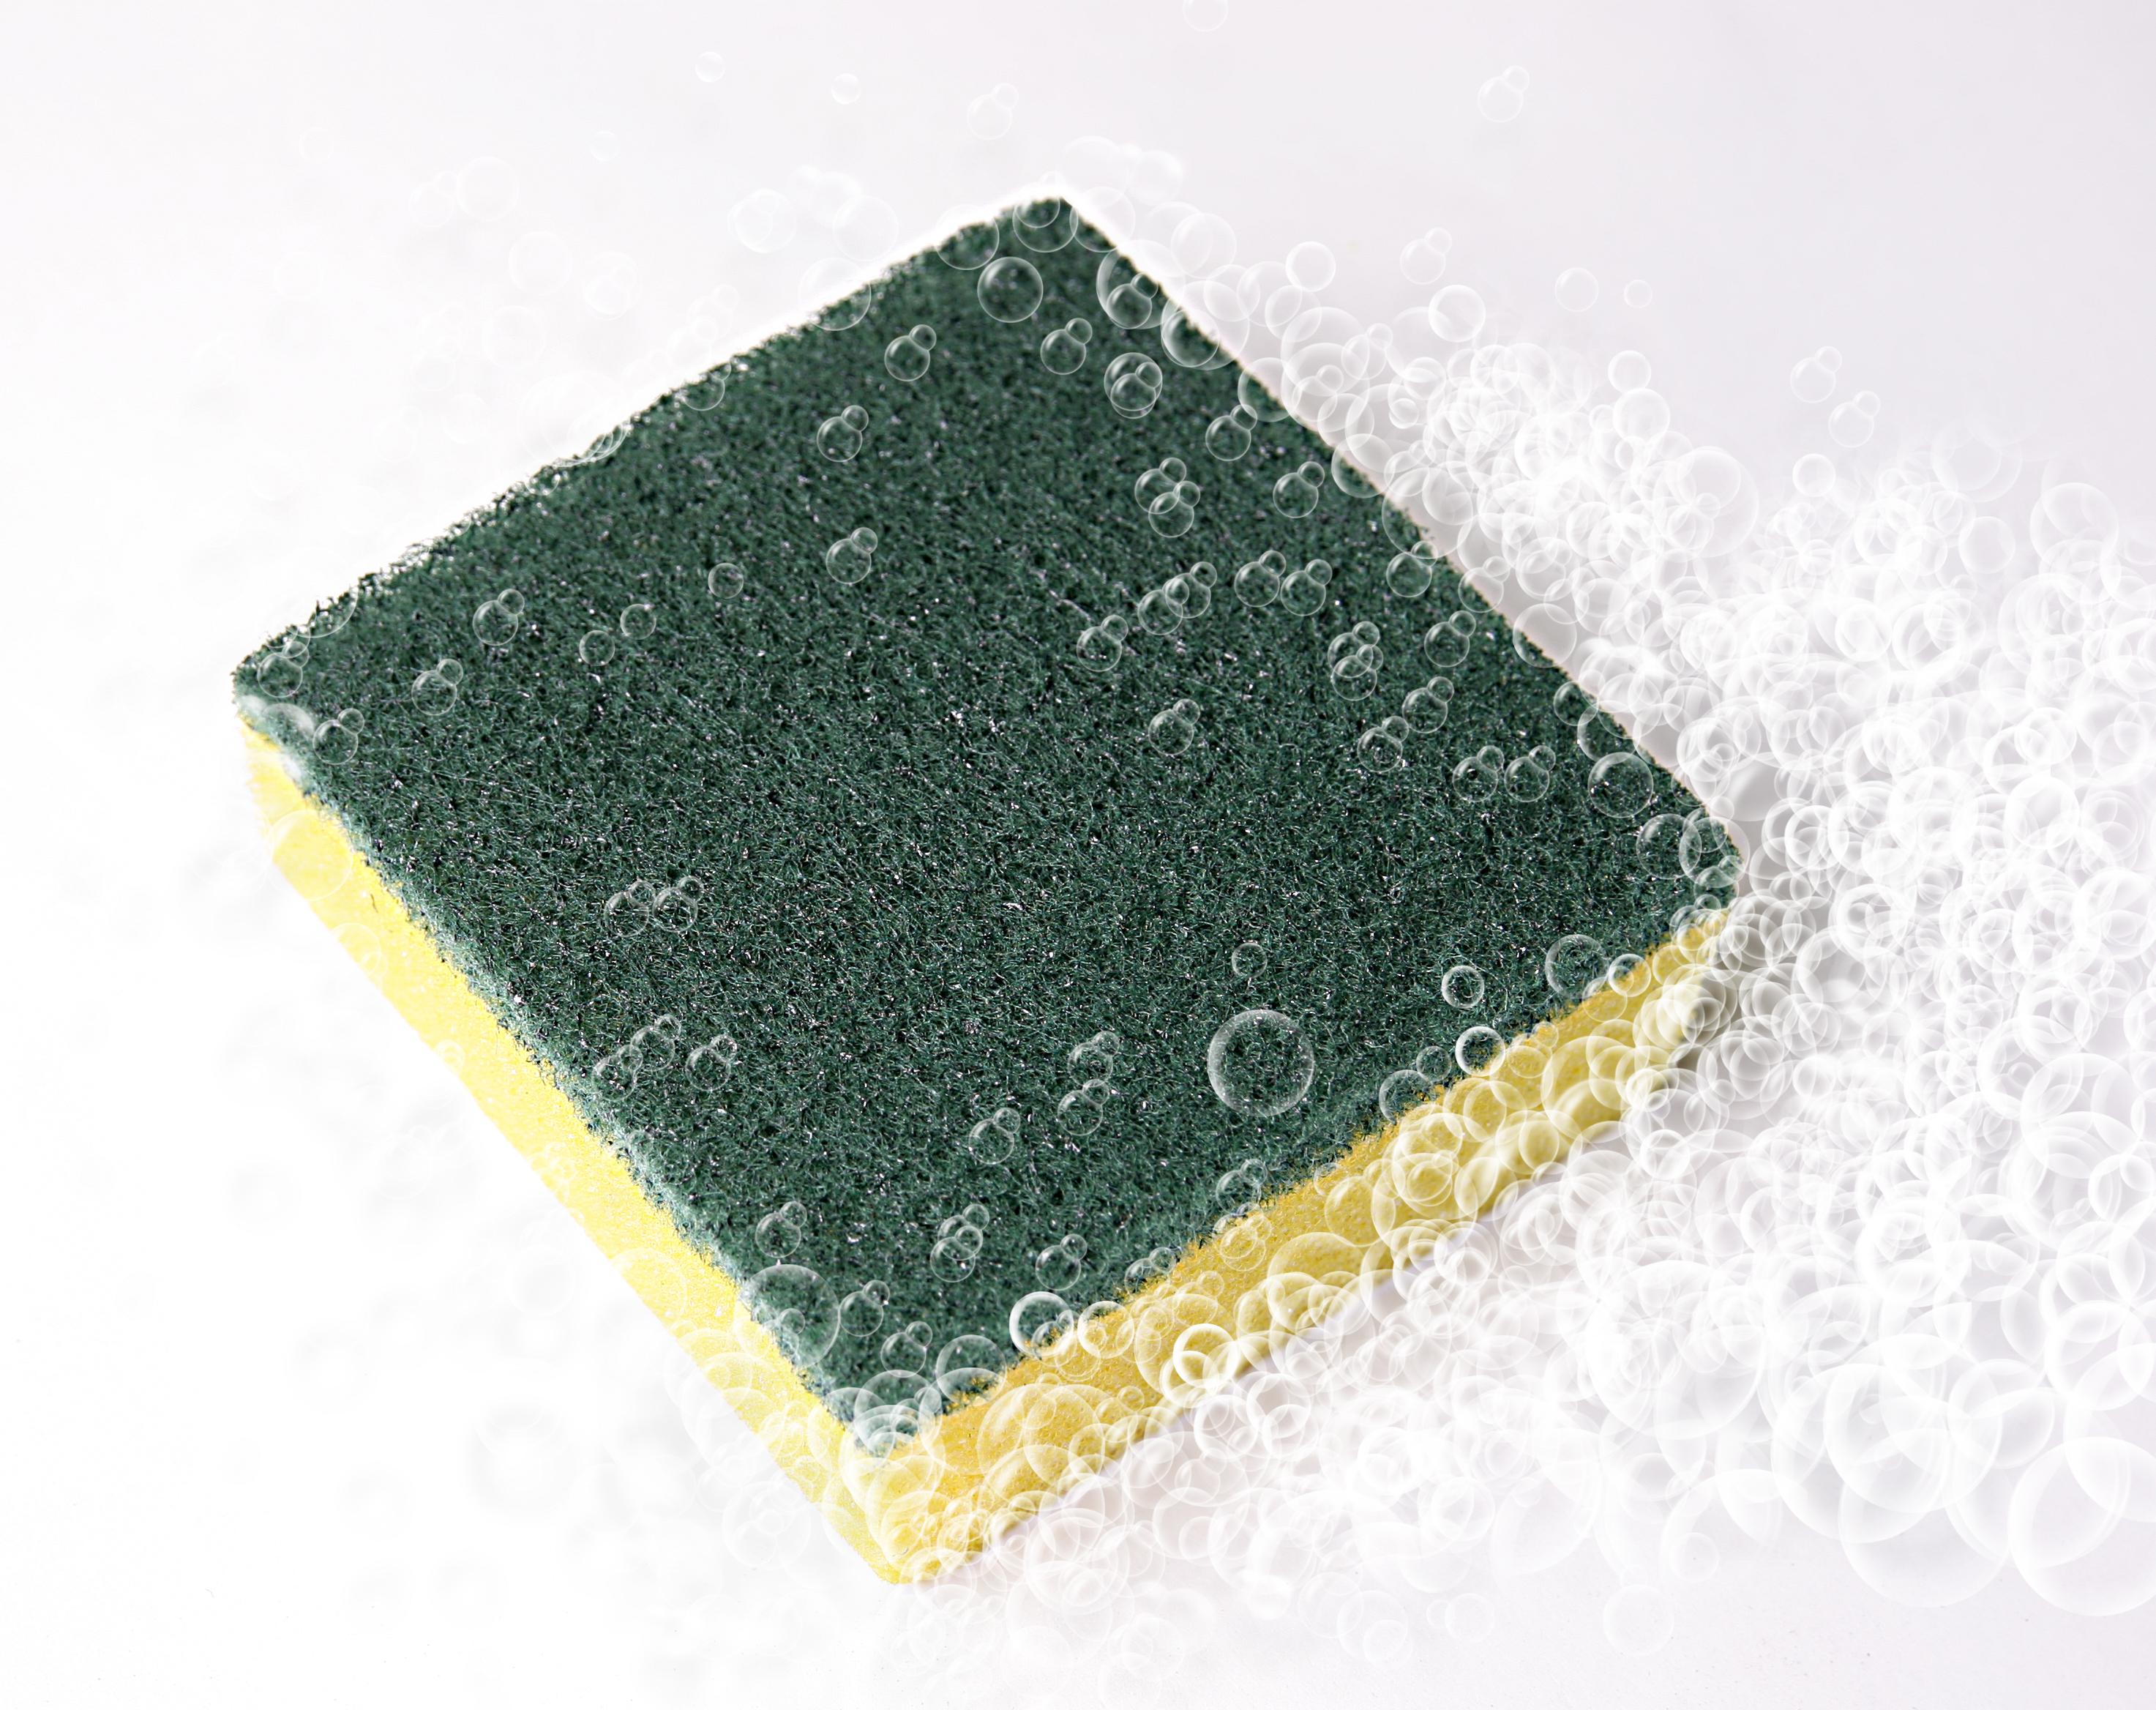 Sponge & Suds